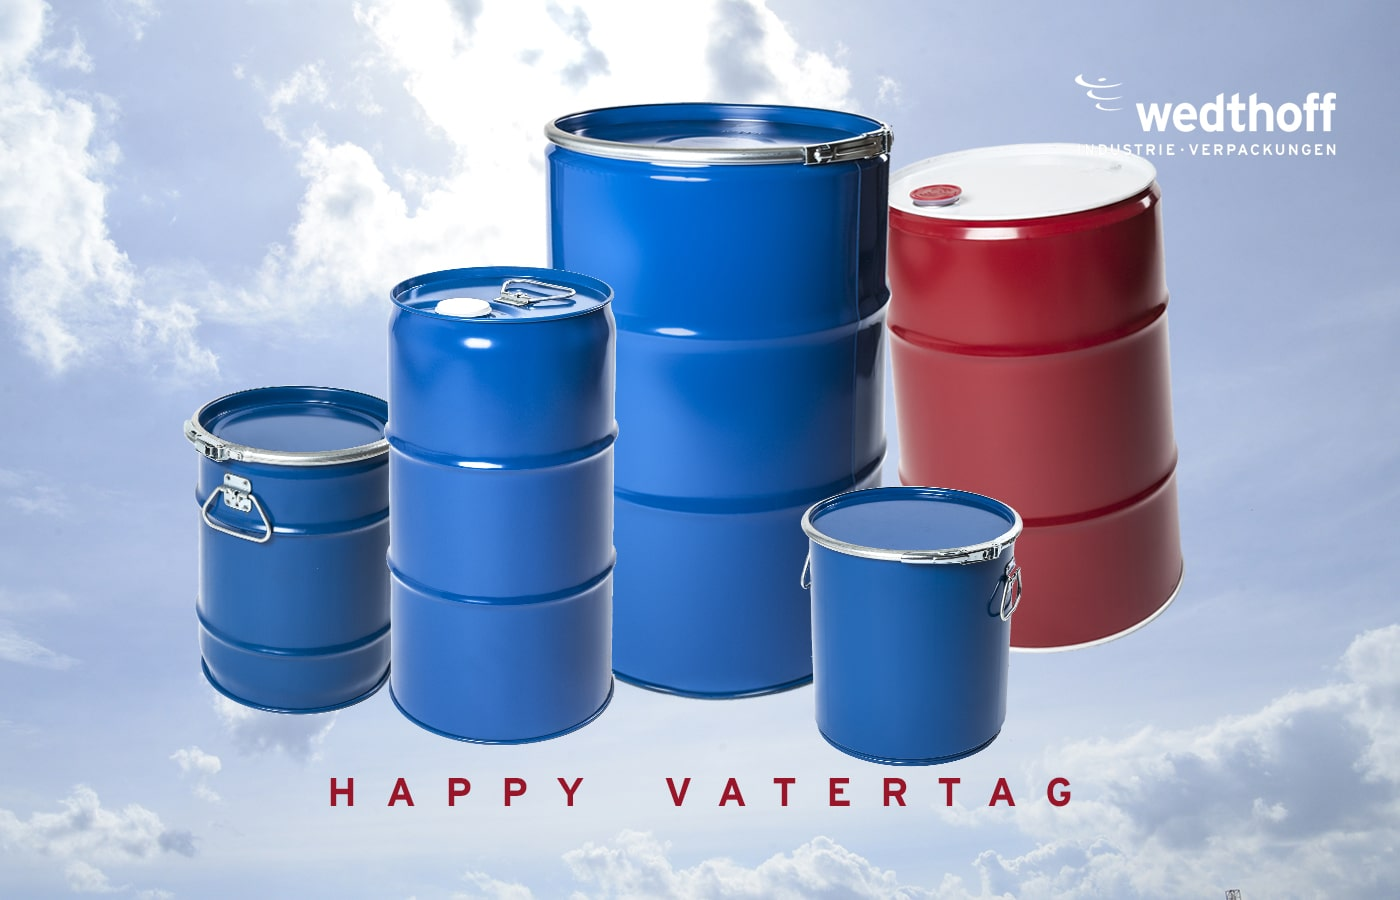 Vatertag. Ein Teil unserer Produktfamilie Industrieverpackungen + Gefahrgutverpackungen by WEDTHOFF. Stahlfass, Kanister, Dosen ... NRW